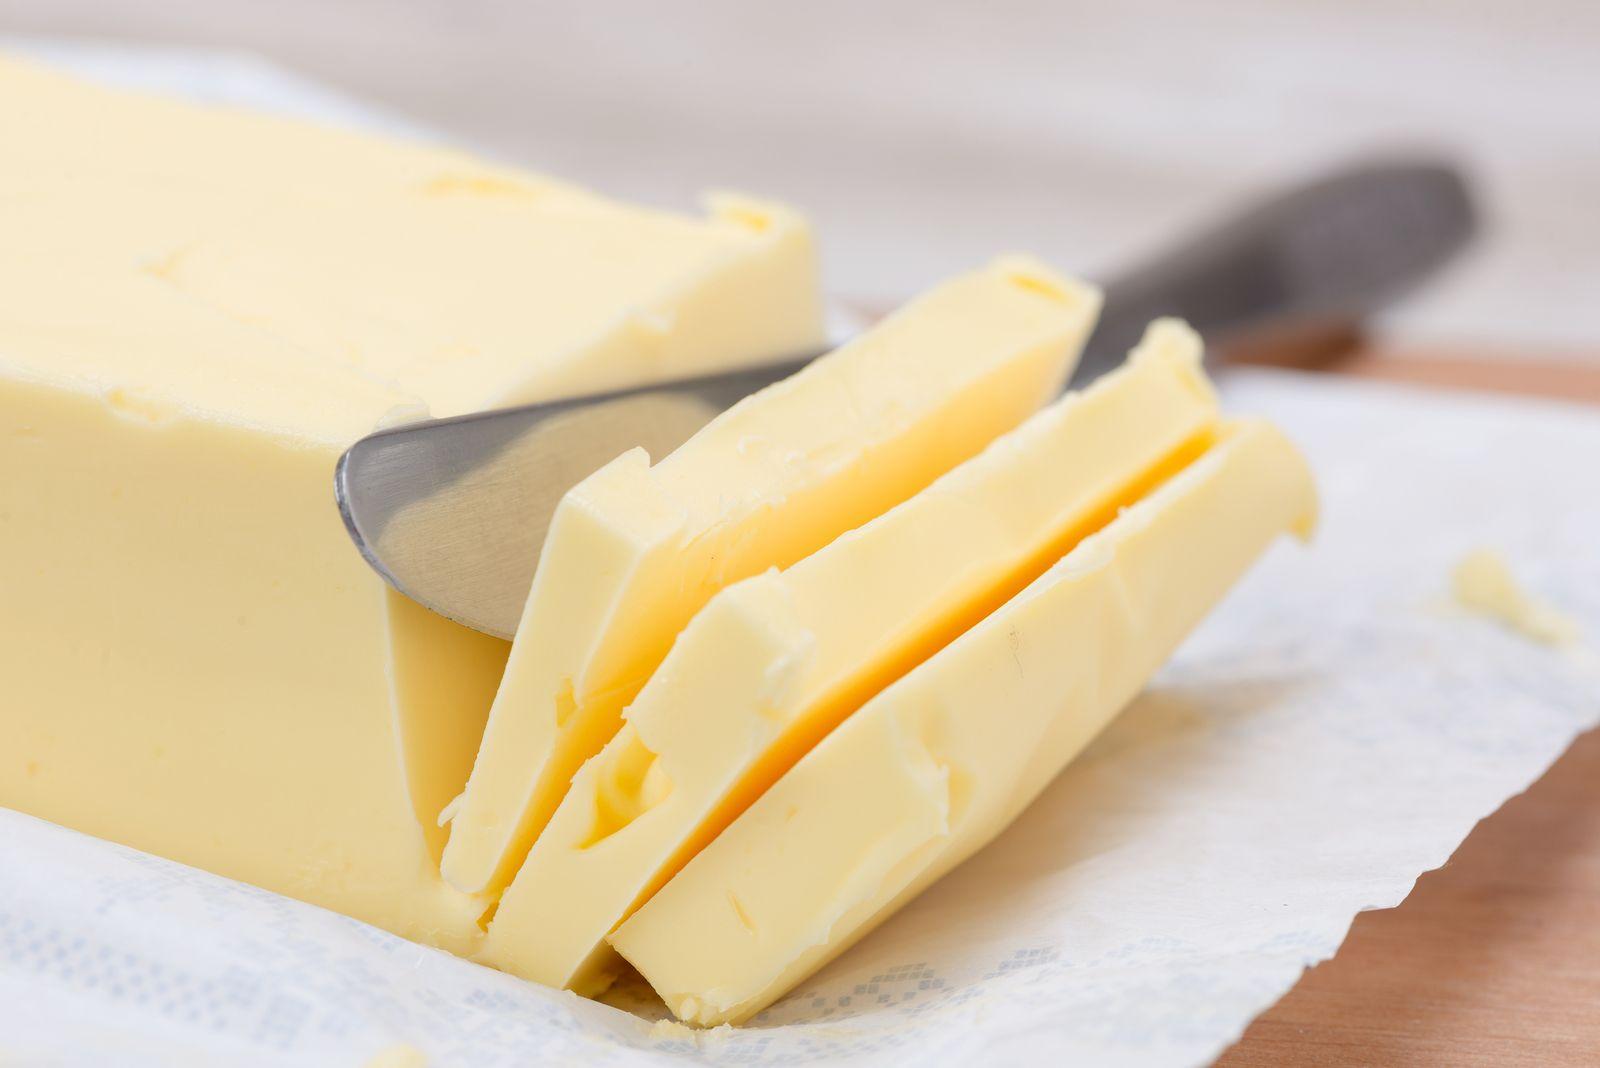 Manteiga, margarina ou banha de porco: o que é pior para sua saúde?